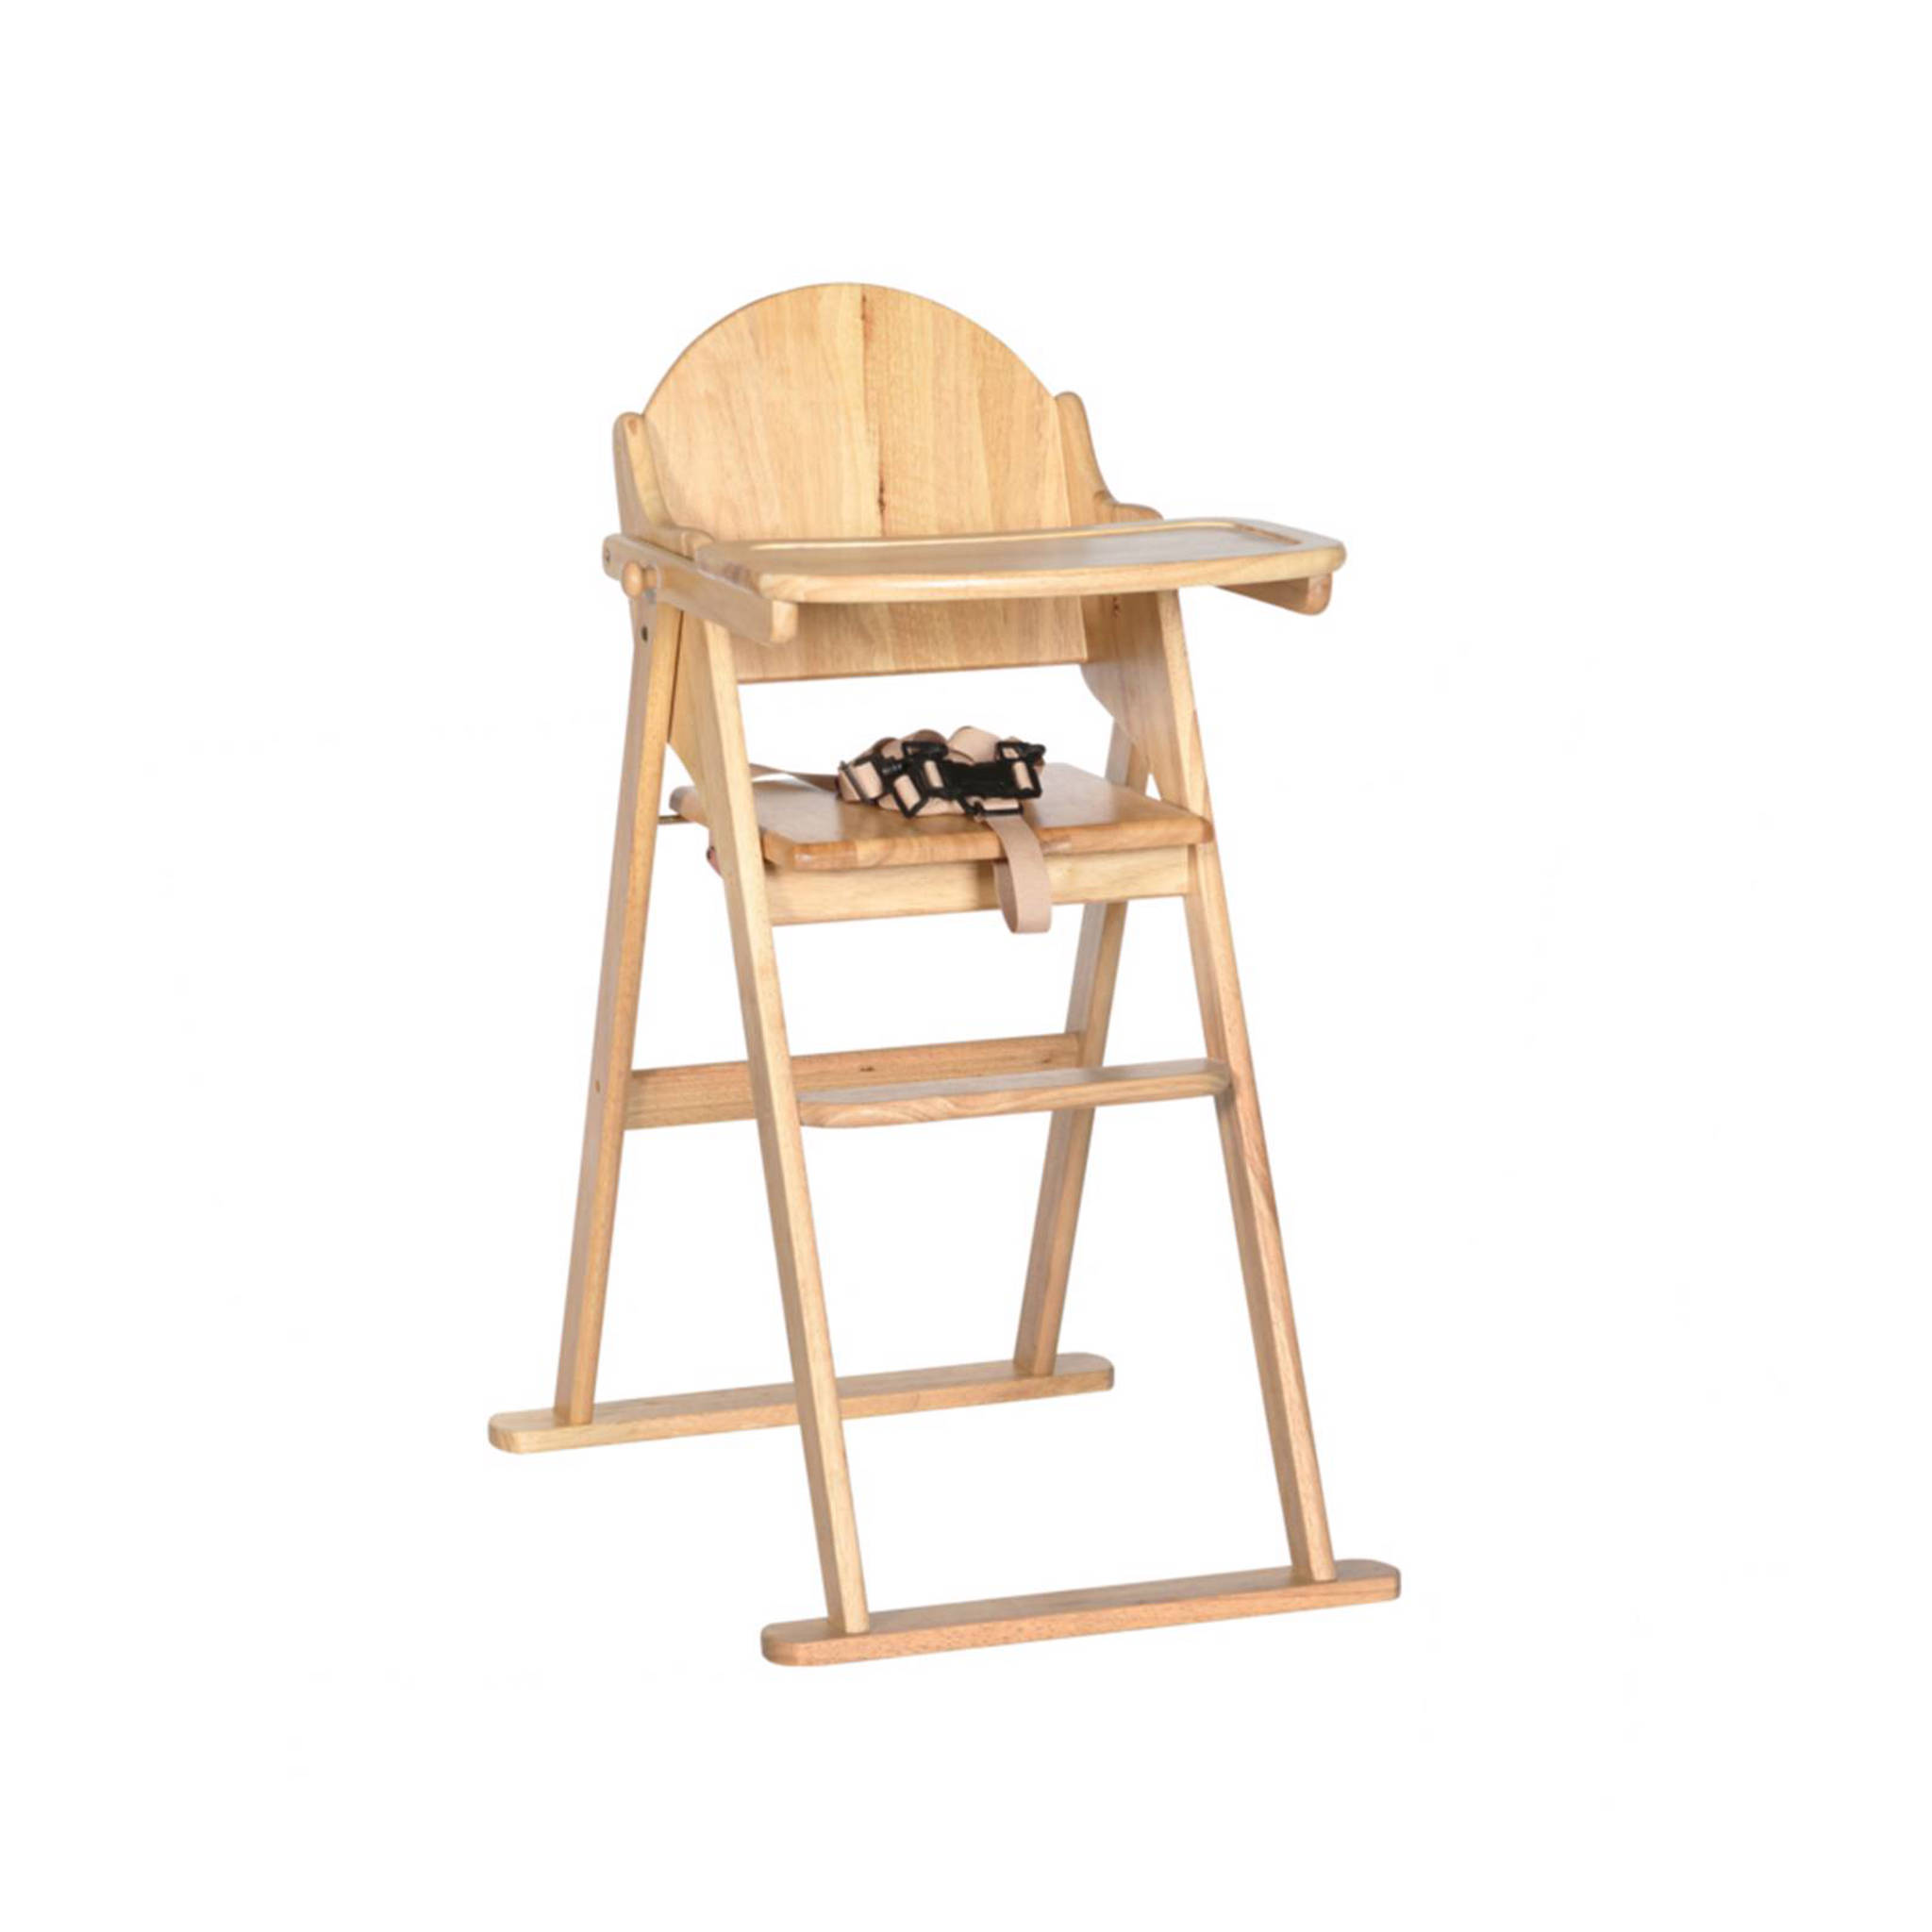 Kinderstoel Hout Inklapbaar.Basicline London Kinderstoel Inklapbaar Blank Wehkamp